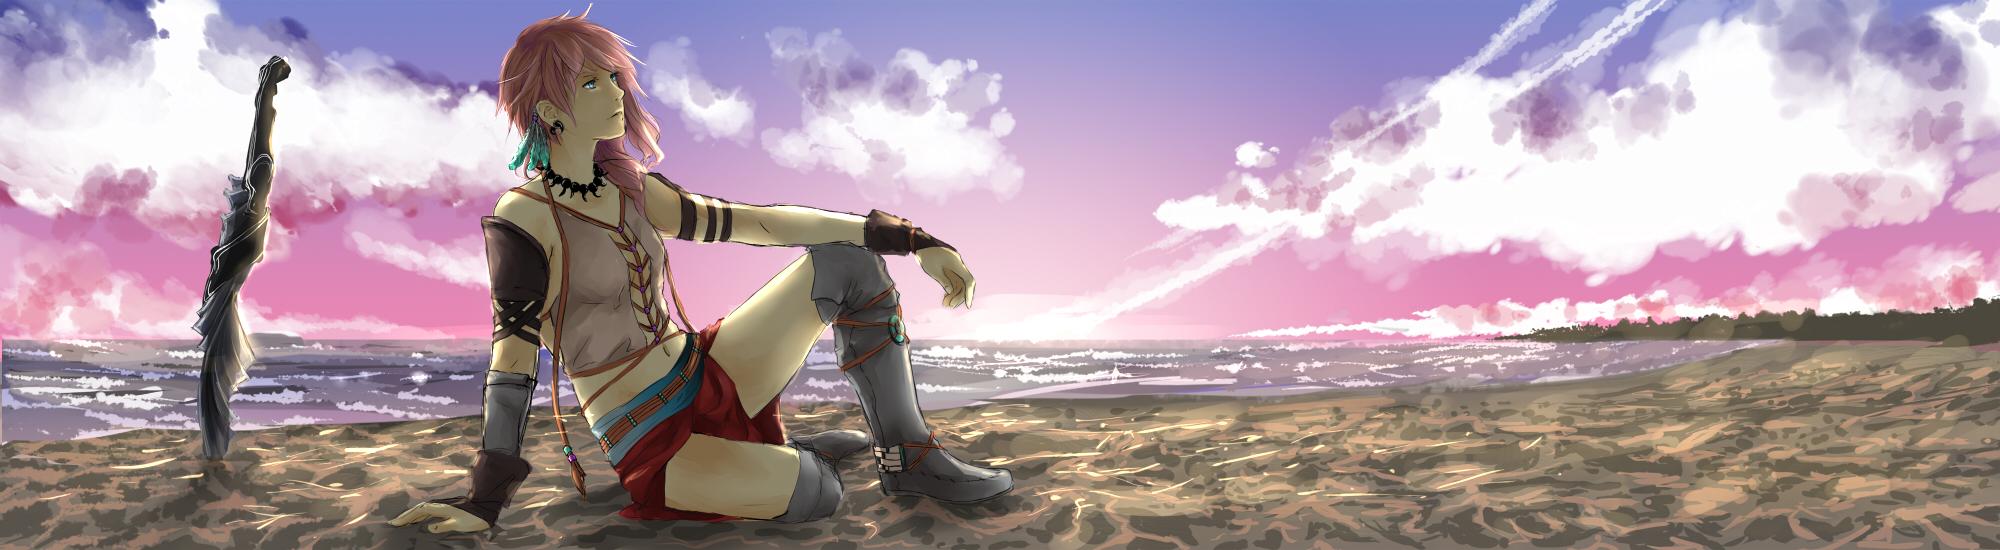 Lightning Returns Gran Pulse By Akidead On Deviantart